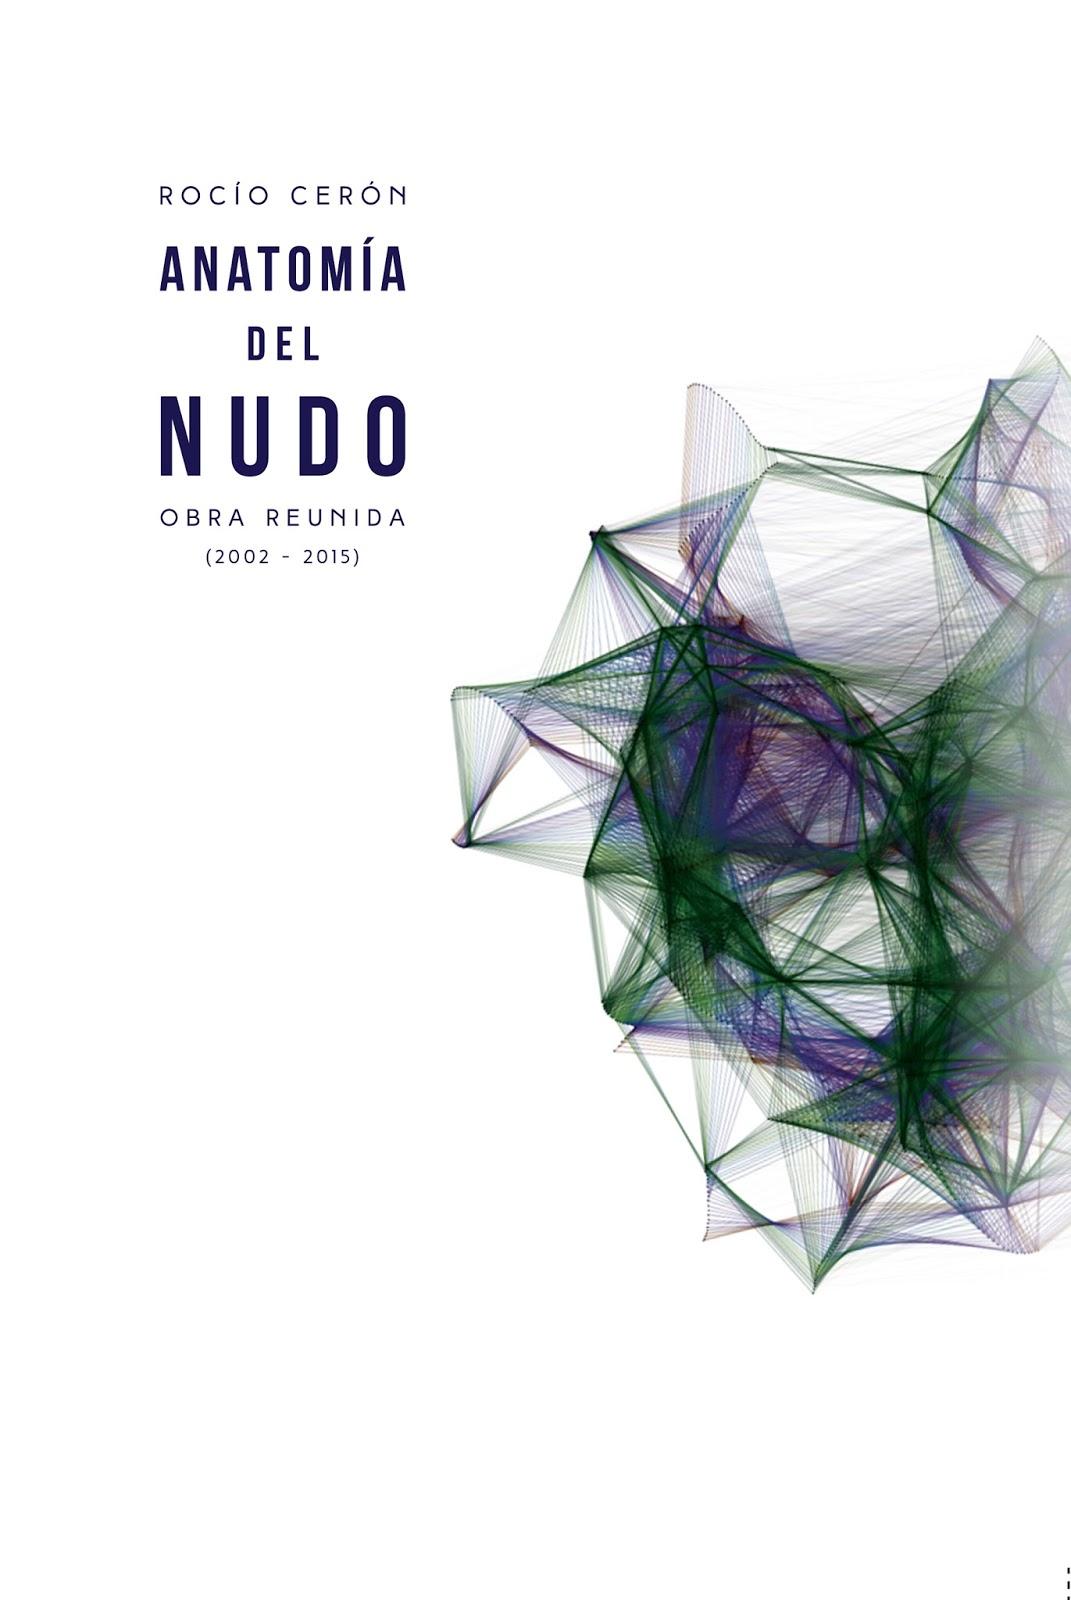 Anatomía del nudo. Obra reunida (2002-2015)